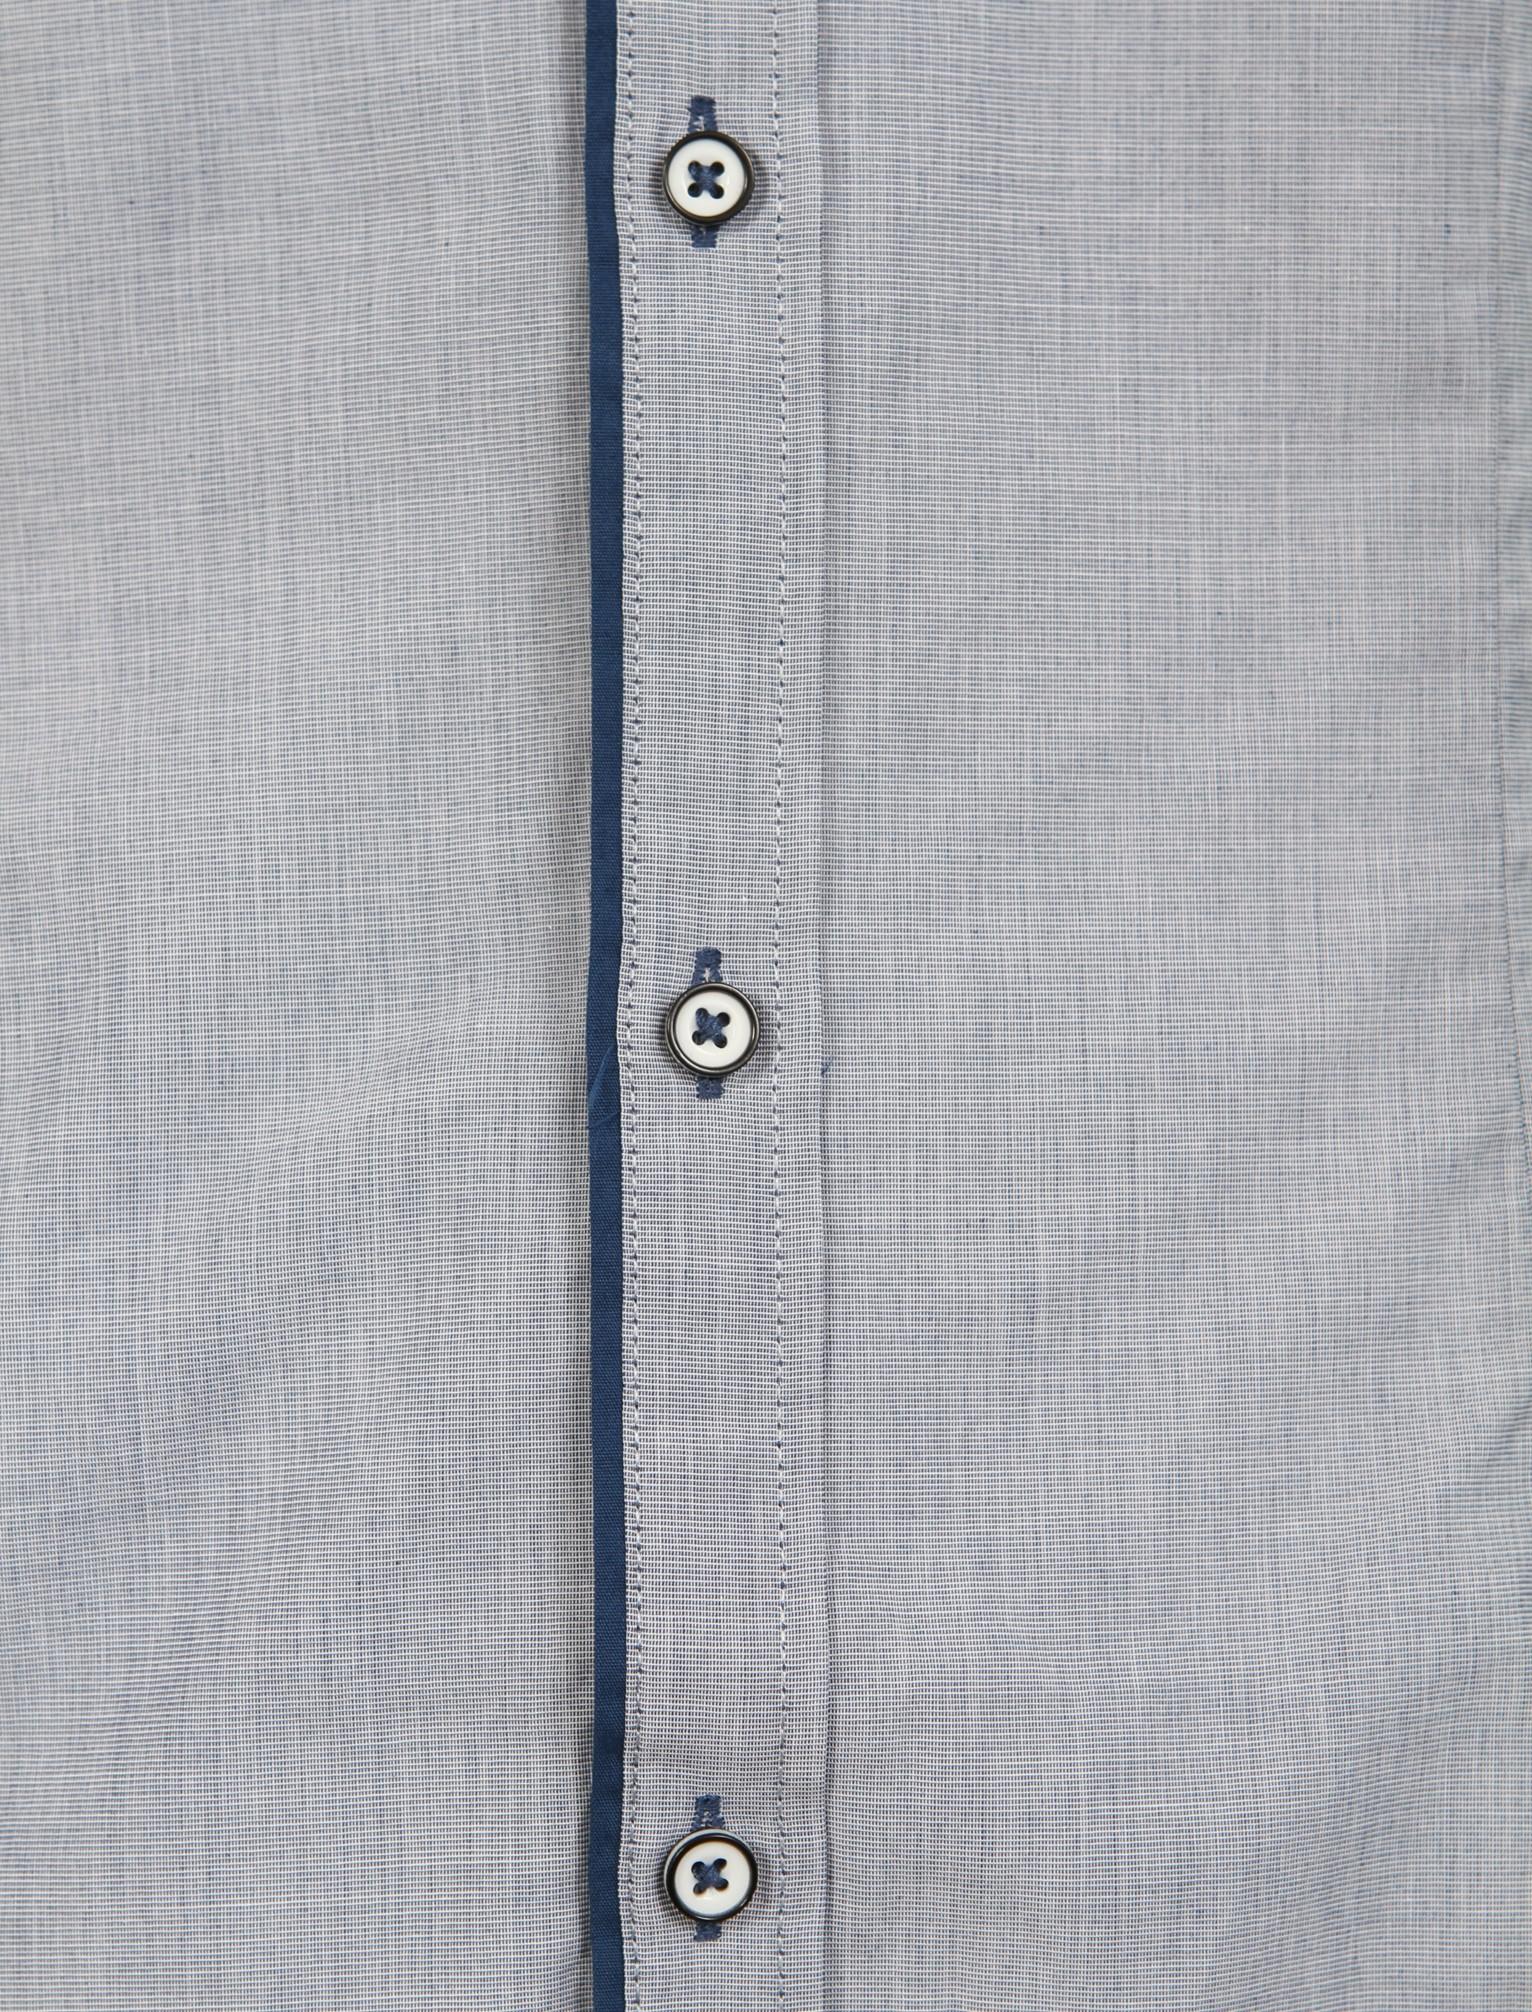 Nouveau Homme Tokyo Laundry Pacino à Manches Longues À Col Bouton Chemise femme taille S-XXL